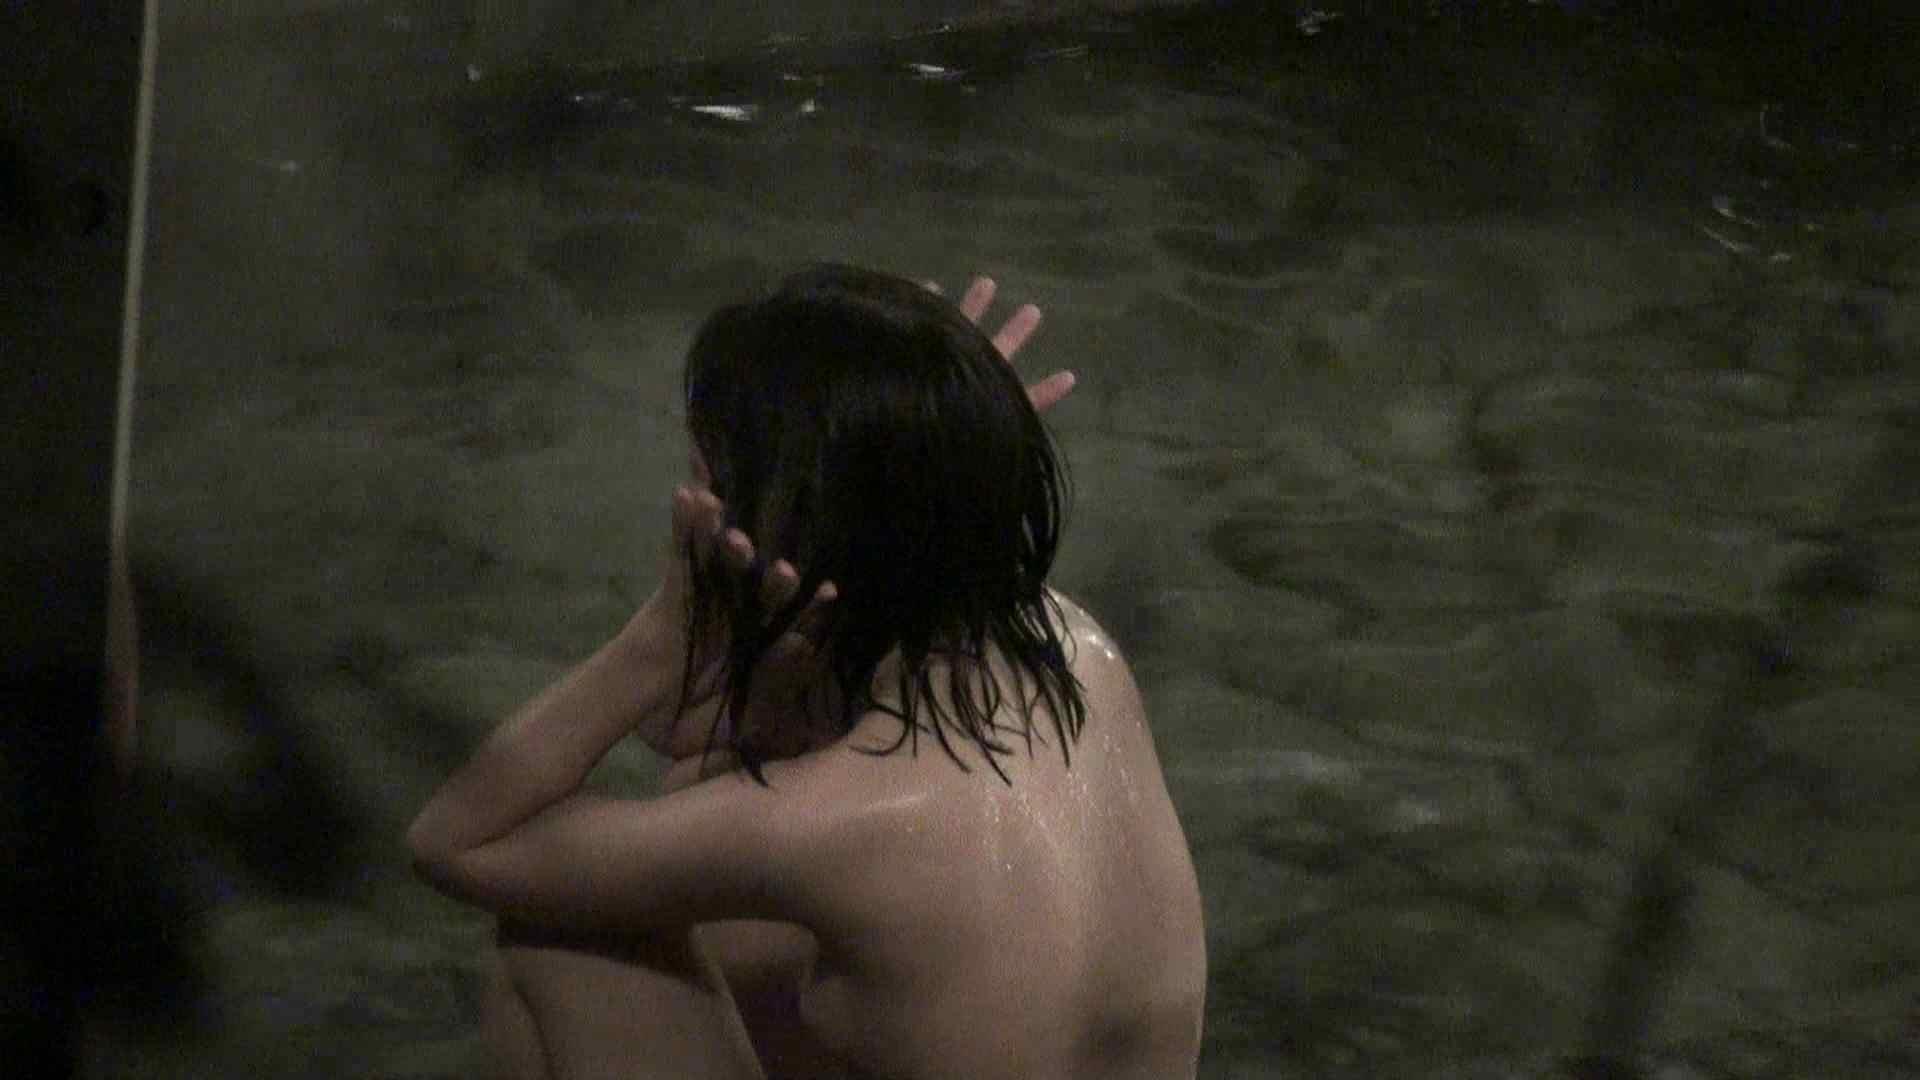 Aquaな露天風呂Vol.363 0  82pic 26